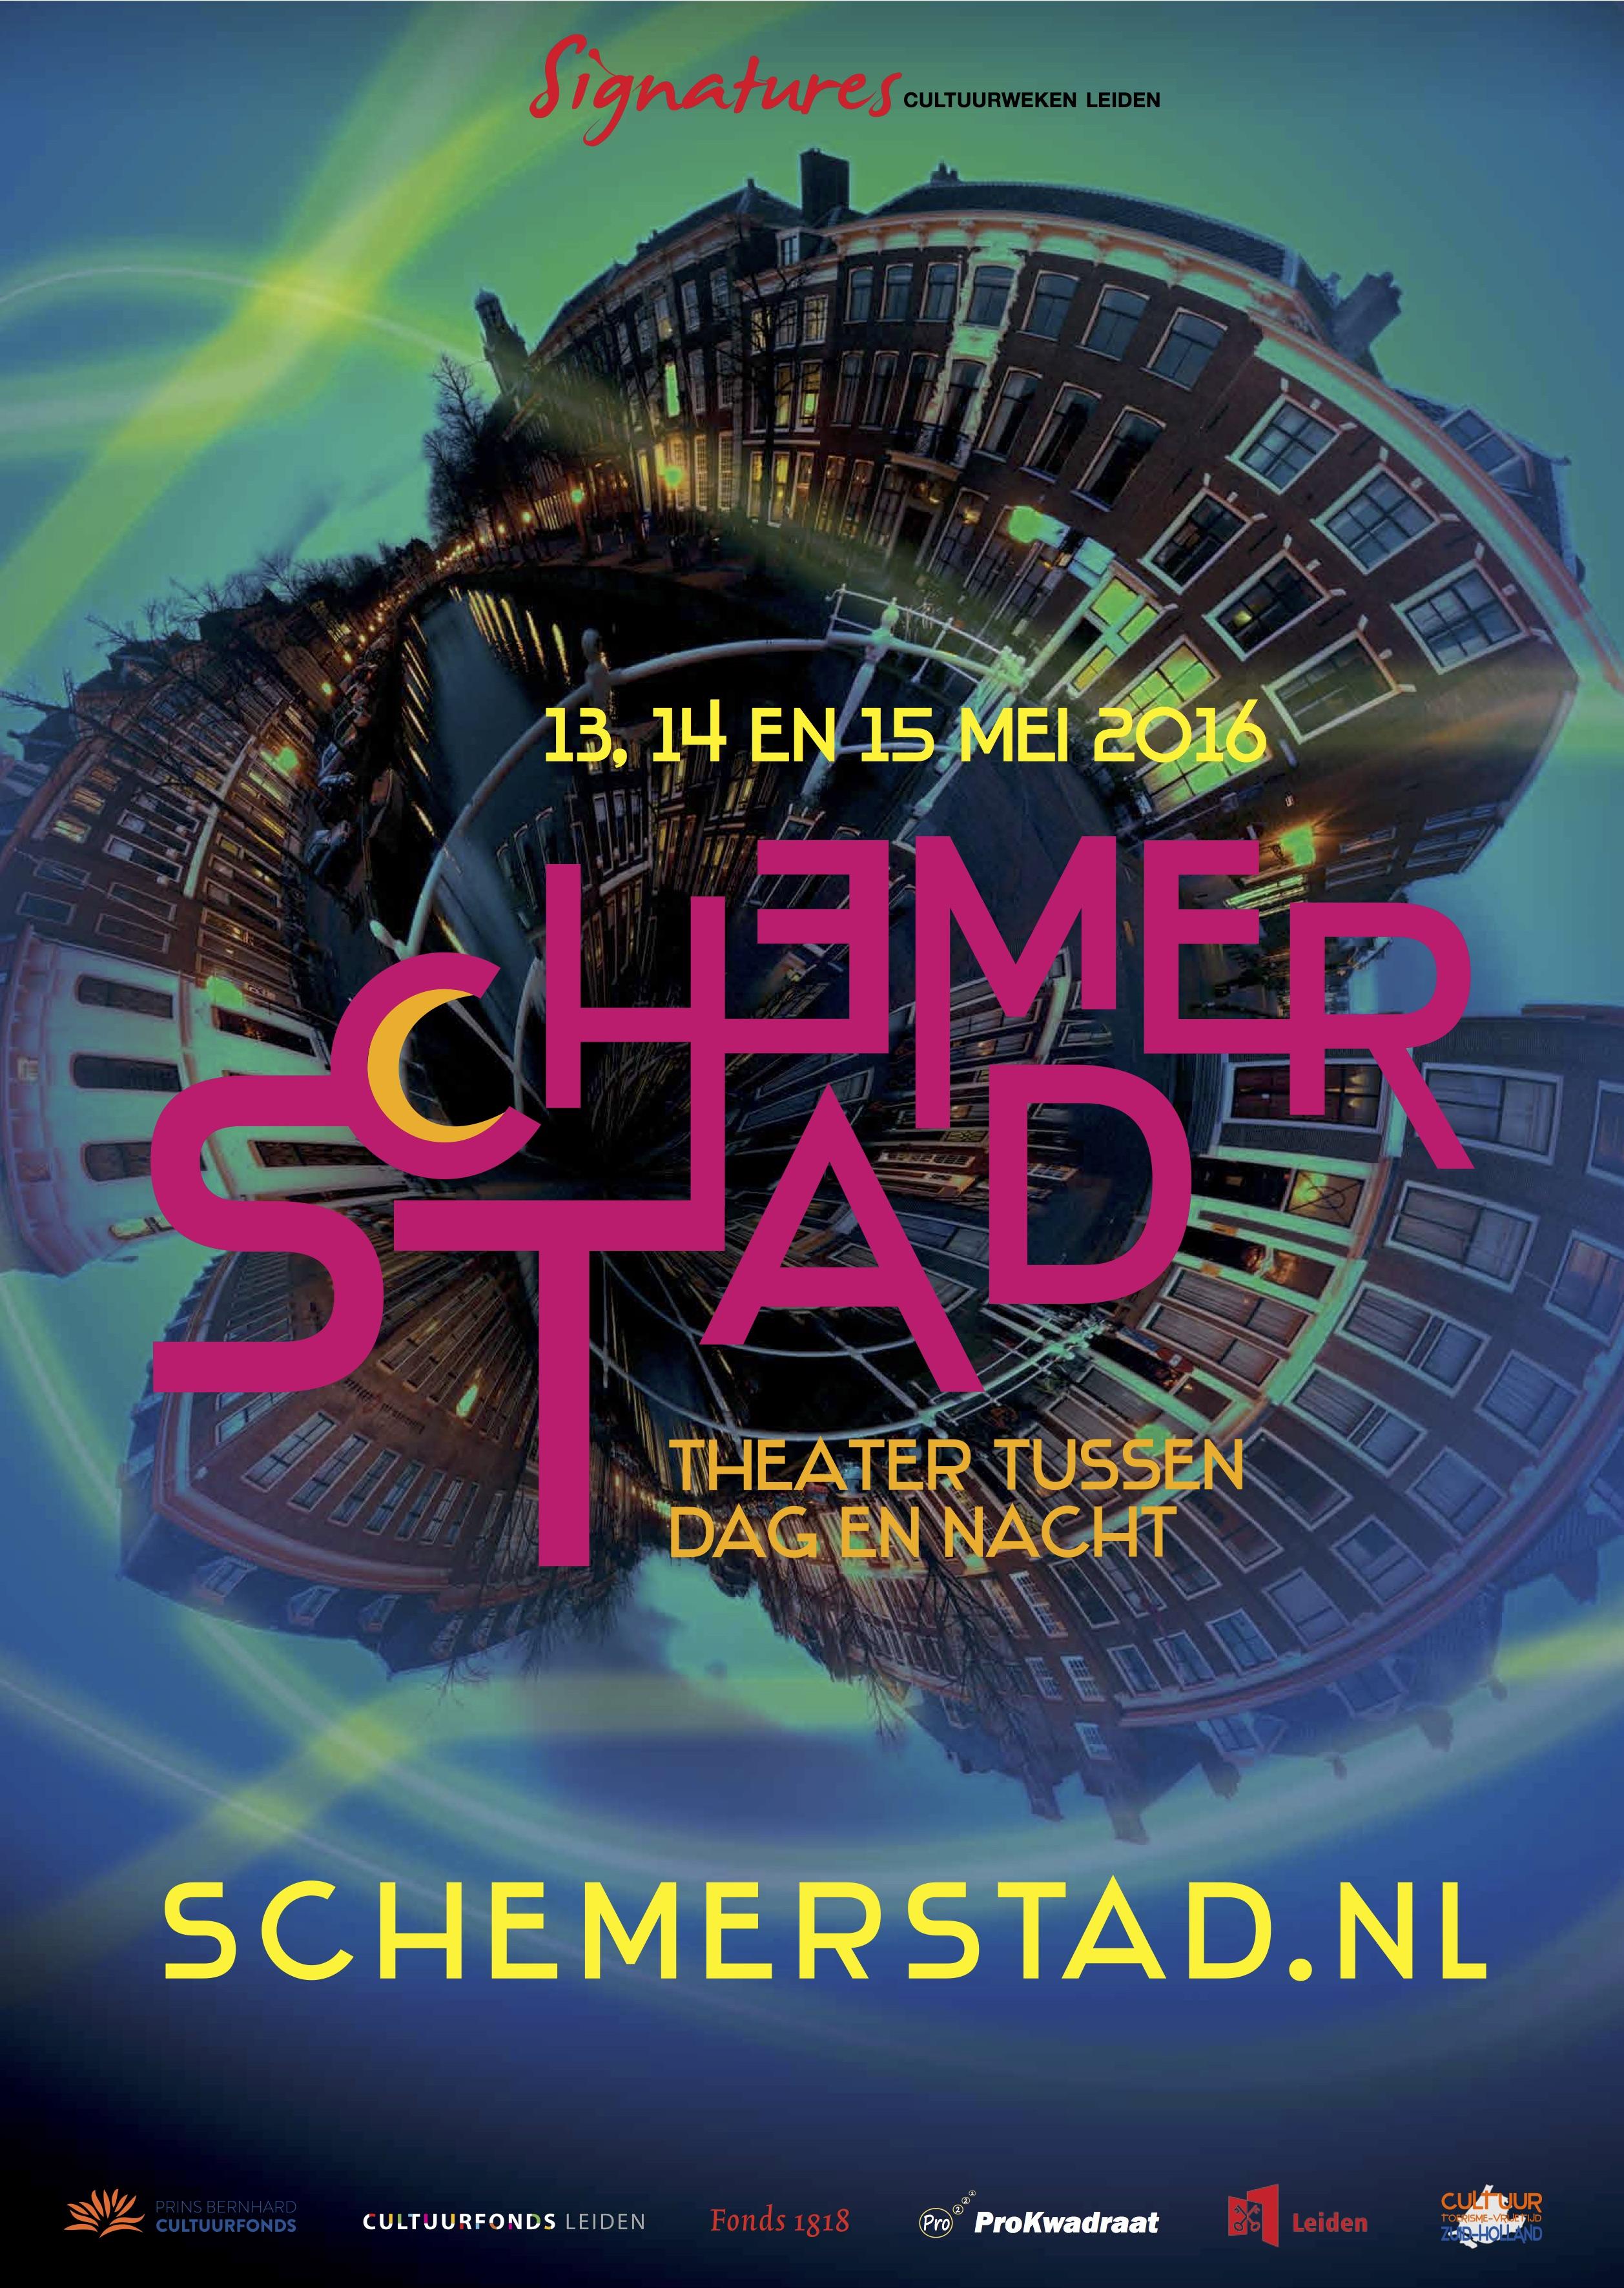 poster schemerstad 2016